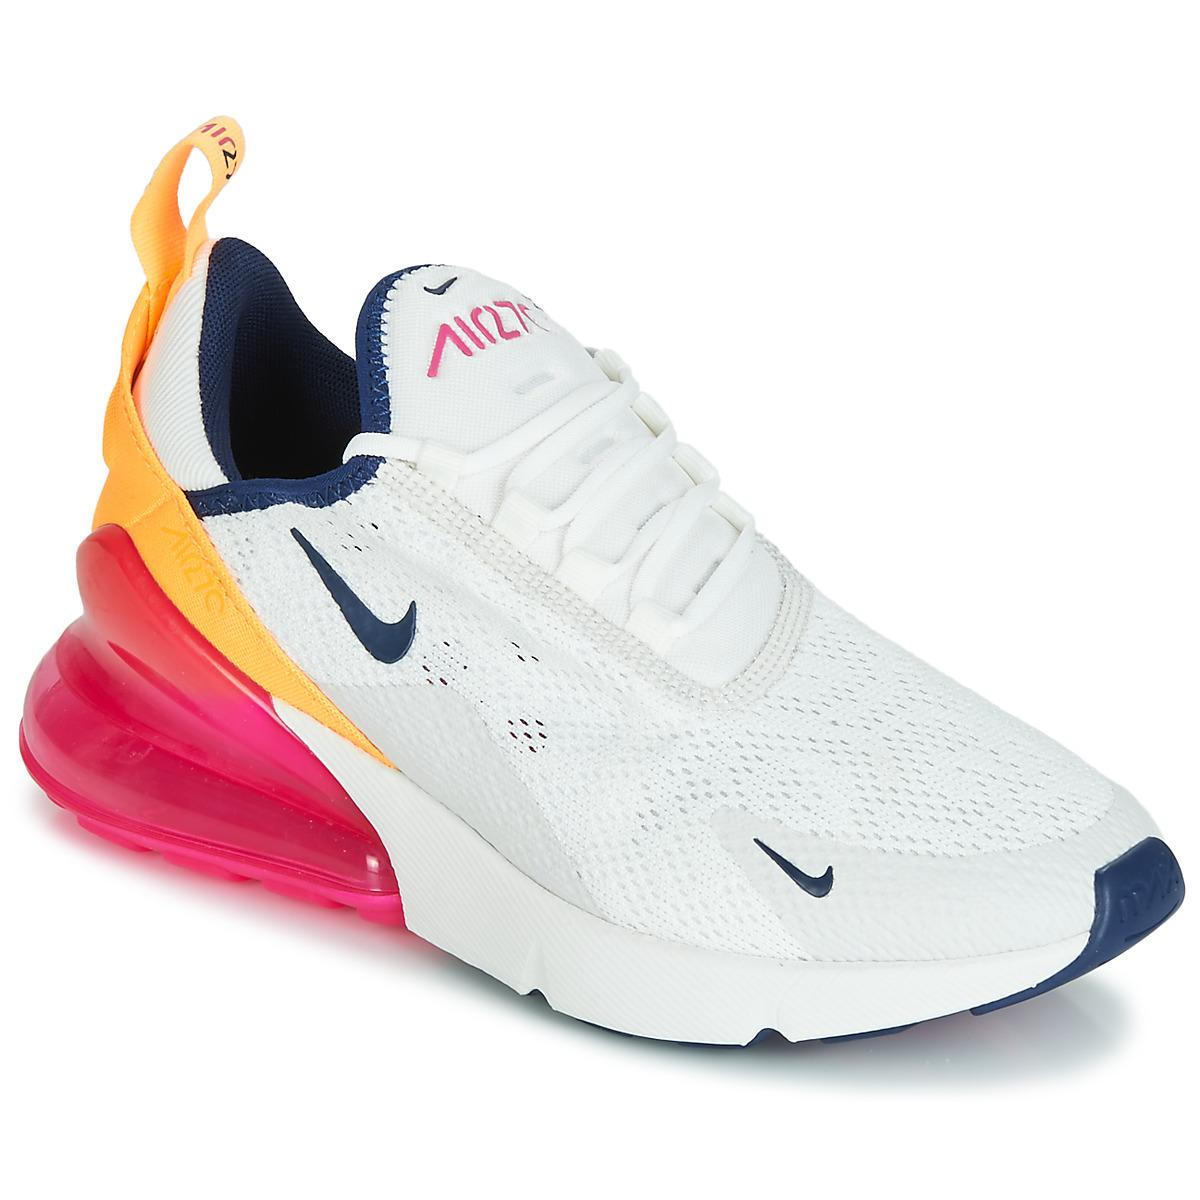 b2a7f4a92d18ef Nike Air Max 270 W Women s Shoes (trainers) In White in White - Lyst